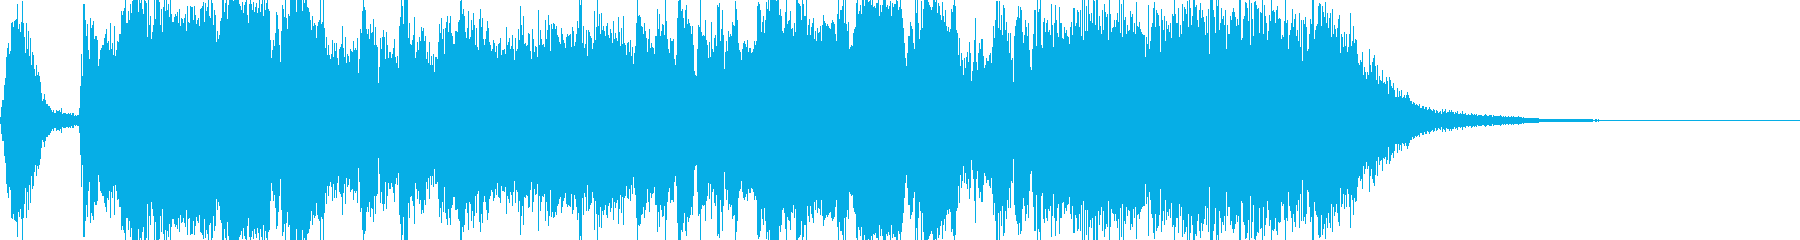 和風ジングル・オープニング・三味線・尺八の再生済みの波形